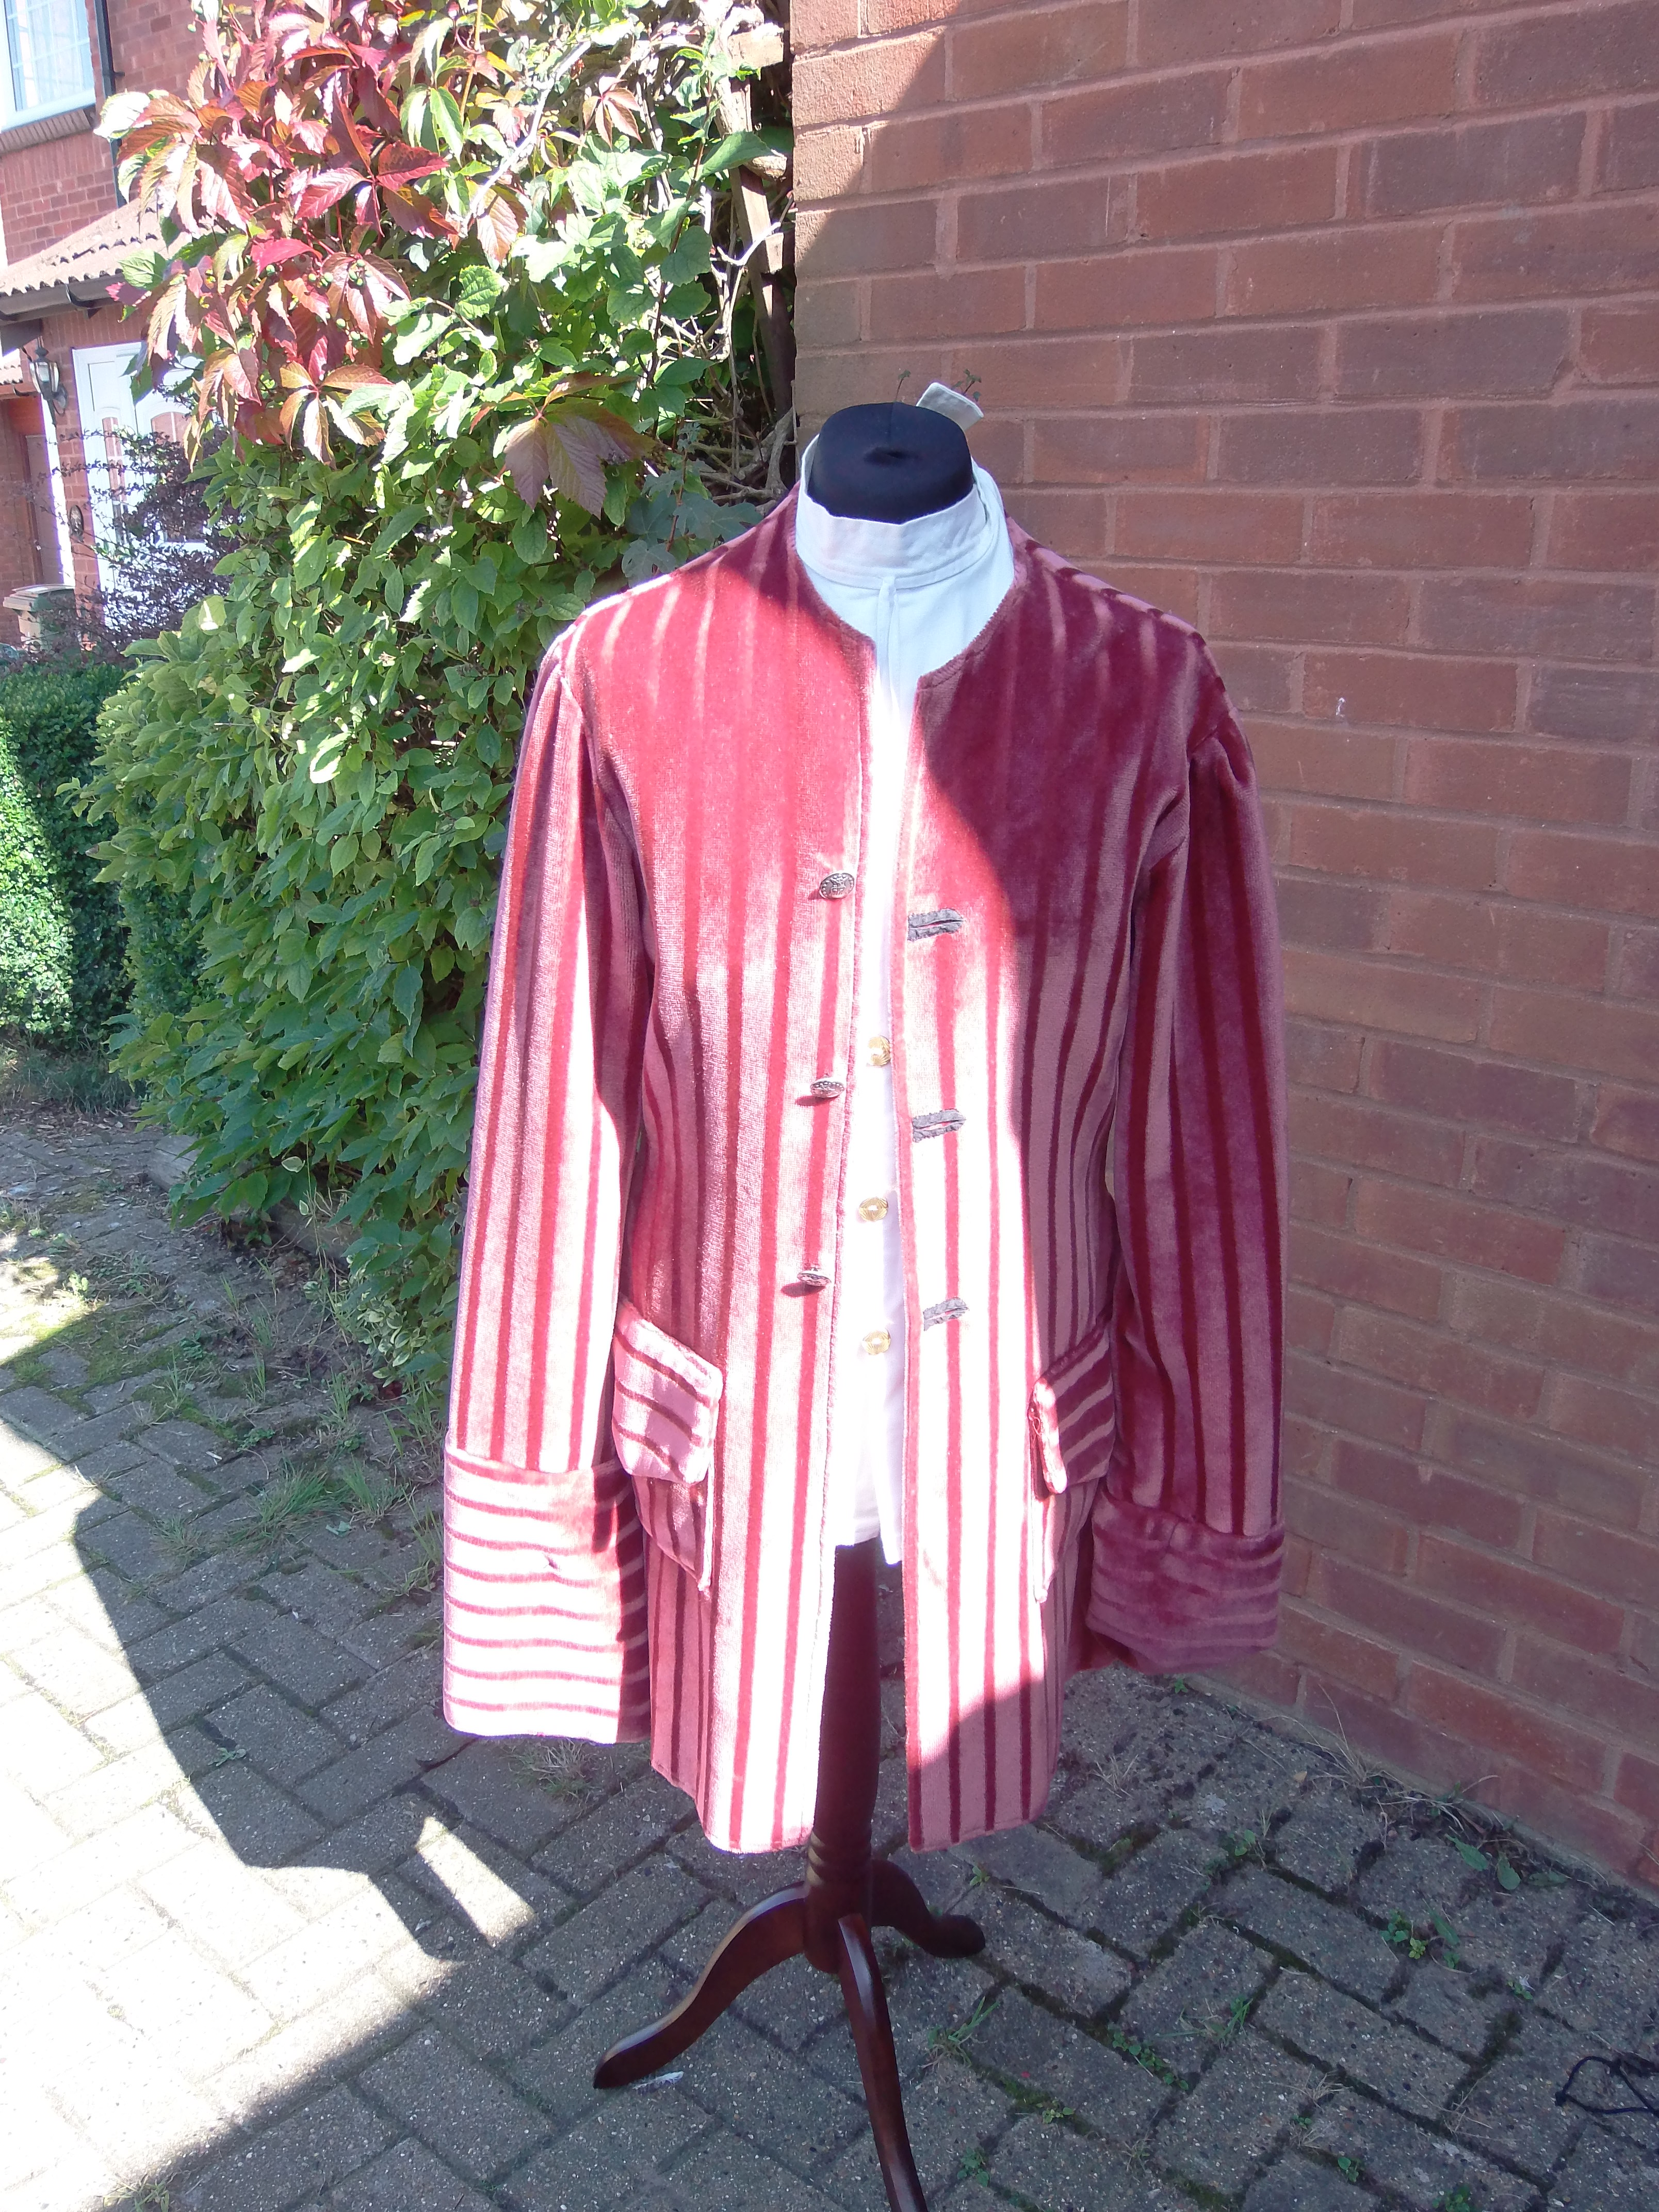 MKTOC Regency outfit